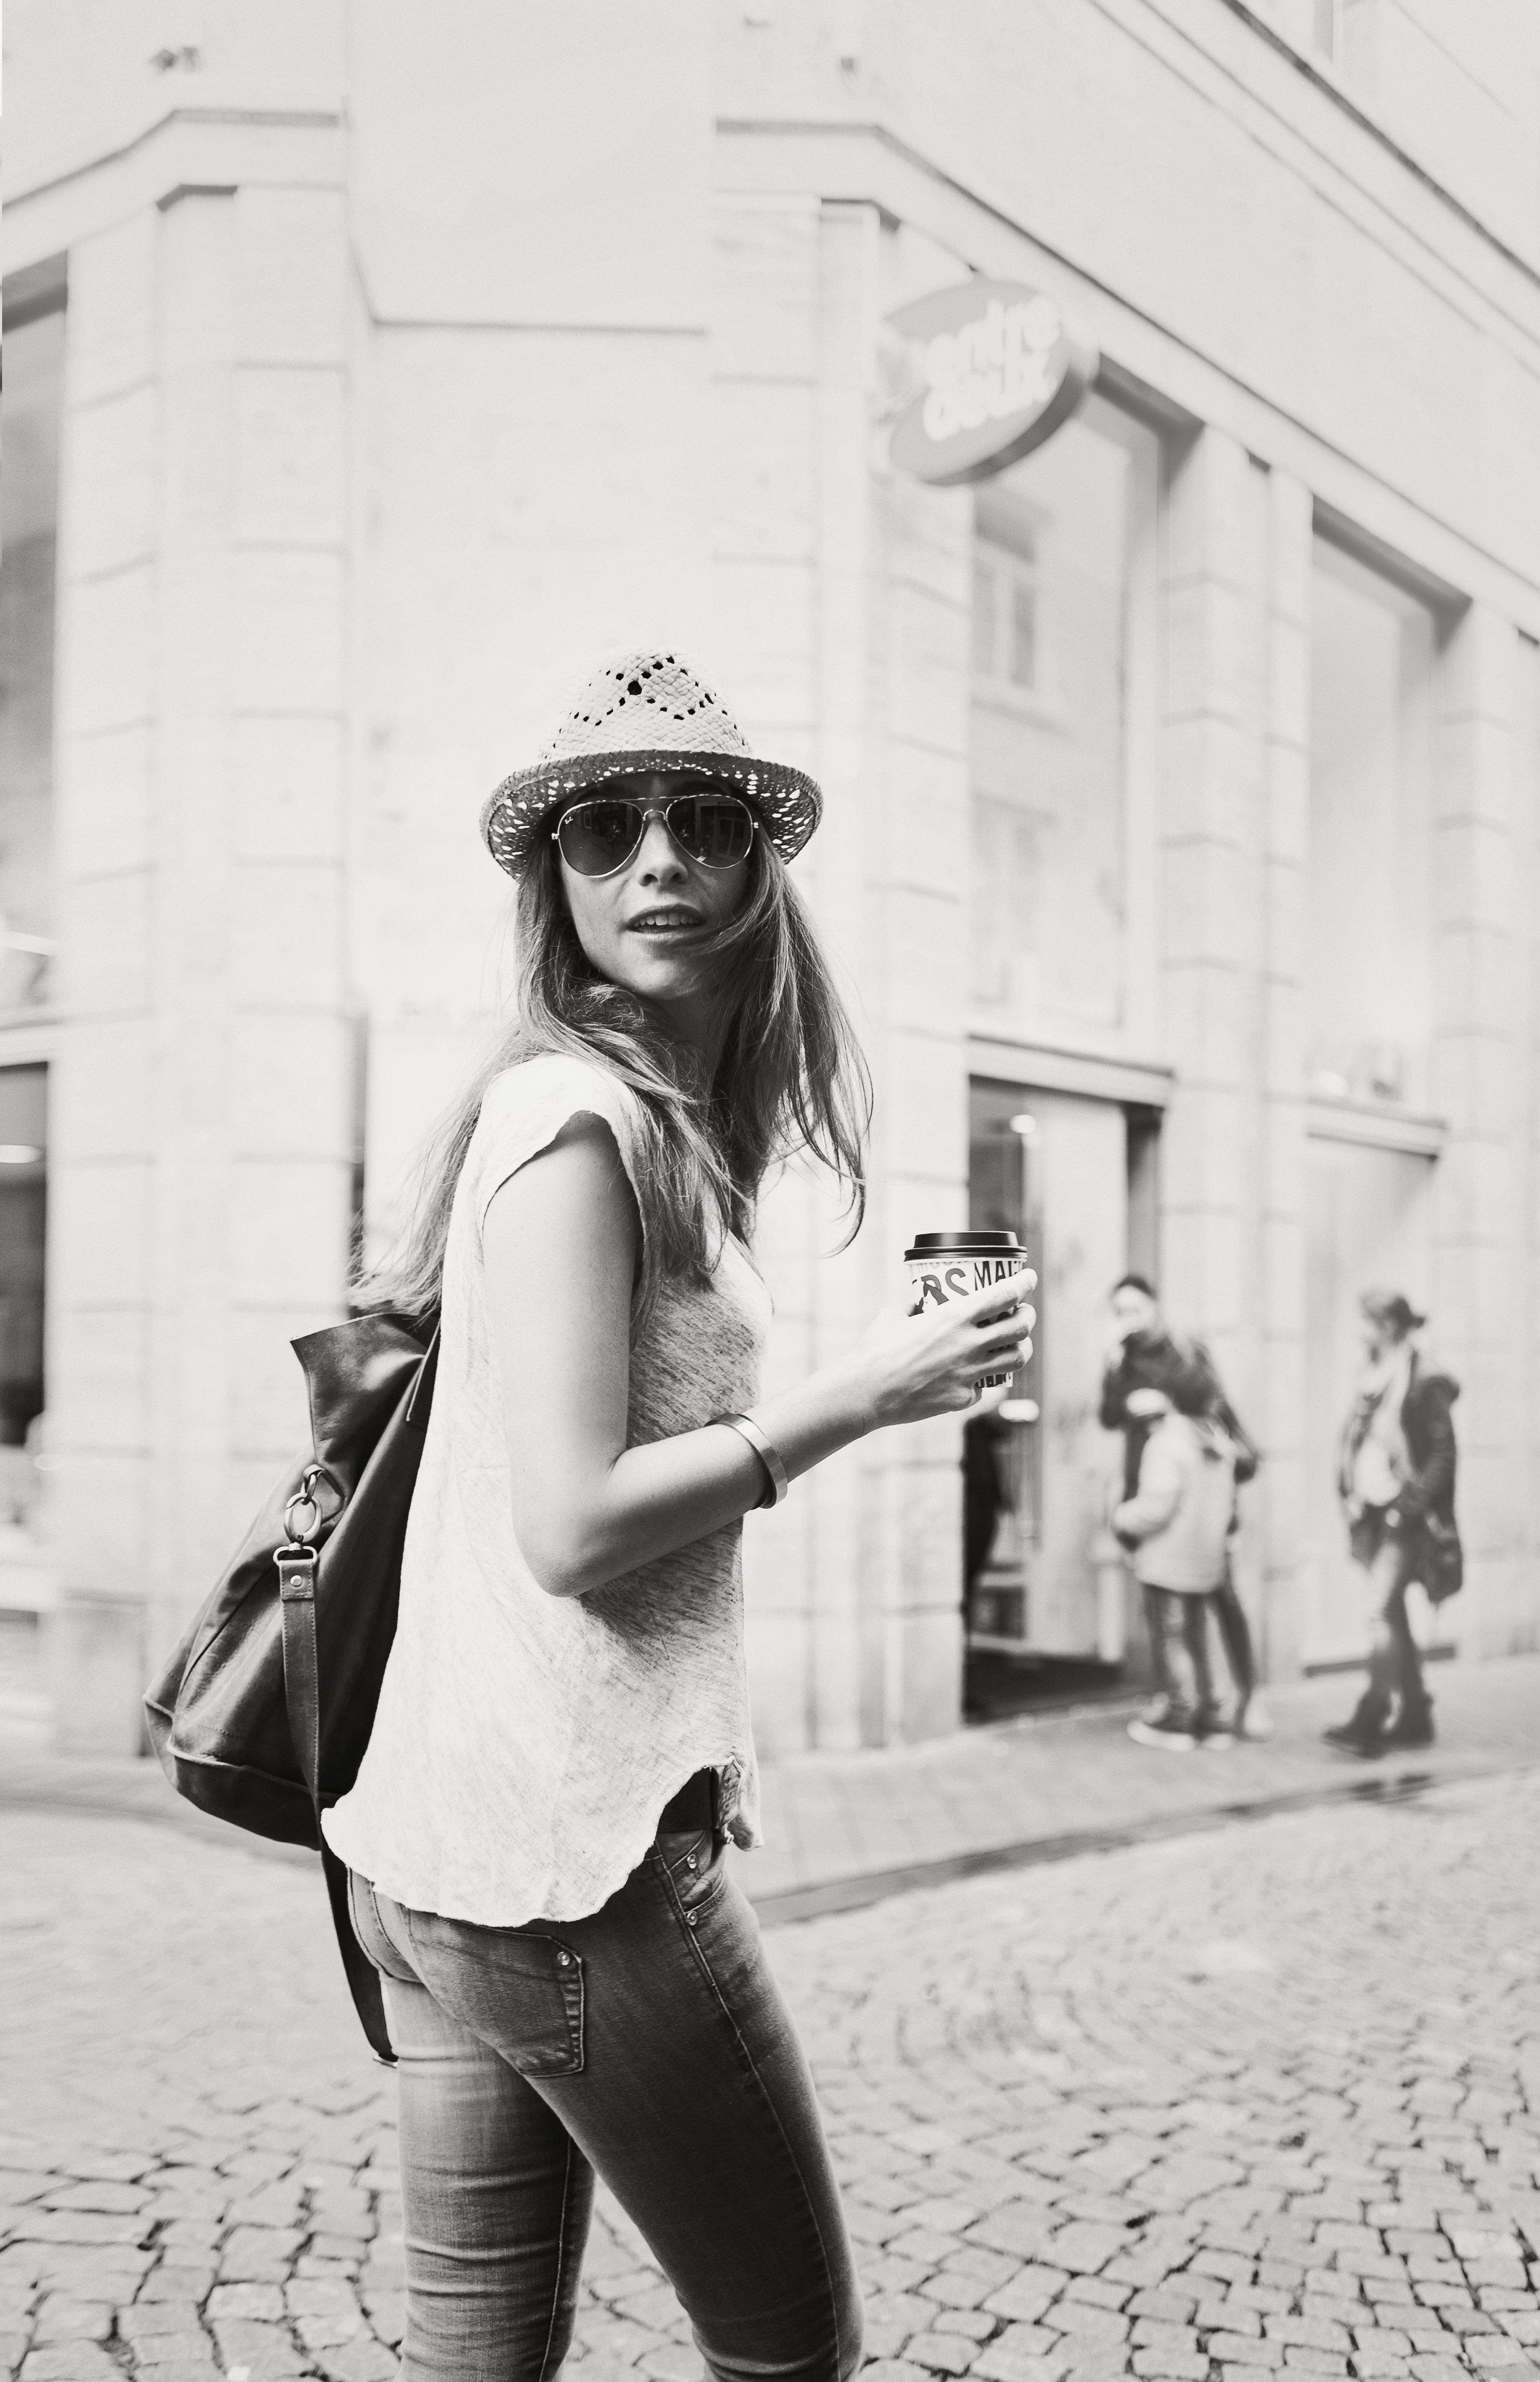 rondlopen-koffie-binnenstad-zw-maastricht-marketing-hugo-thomassen.jpg